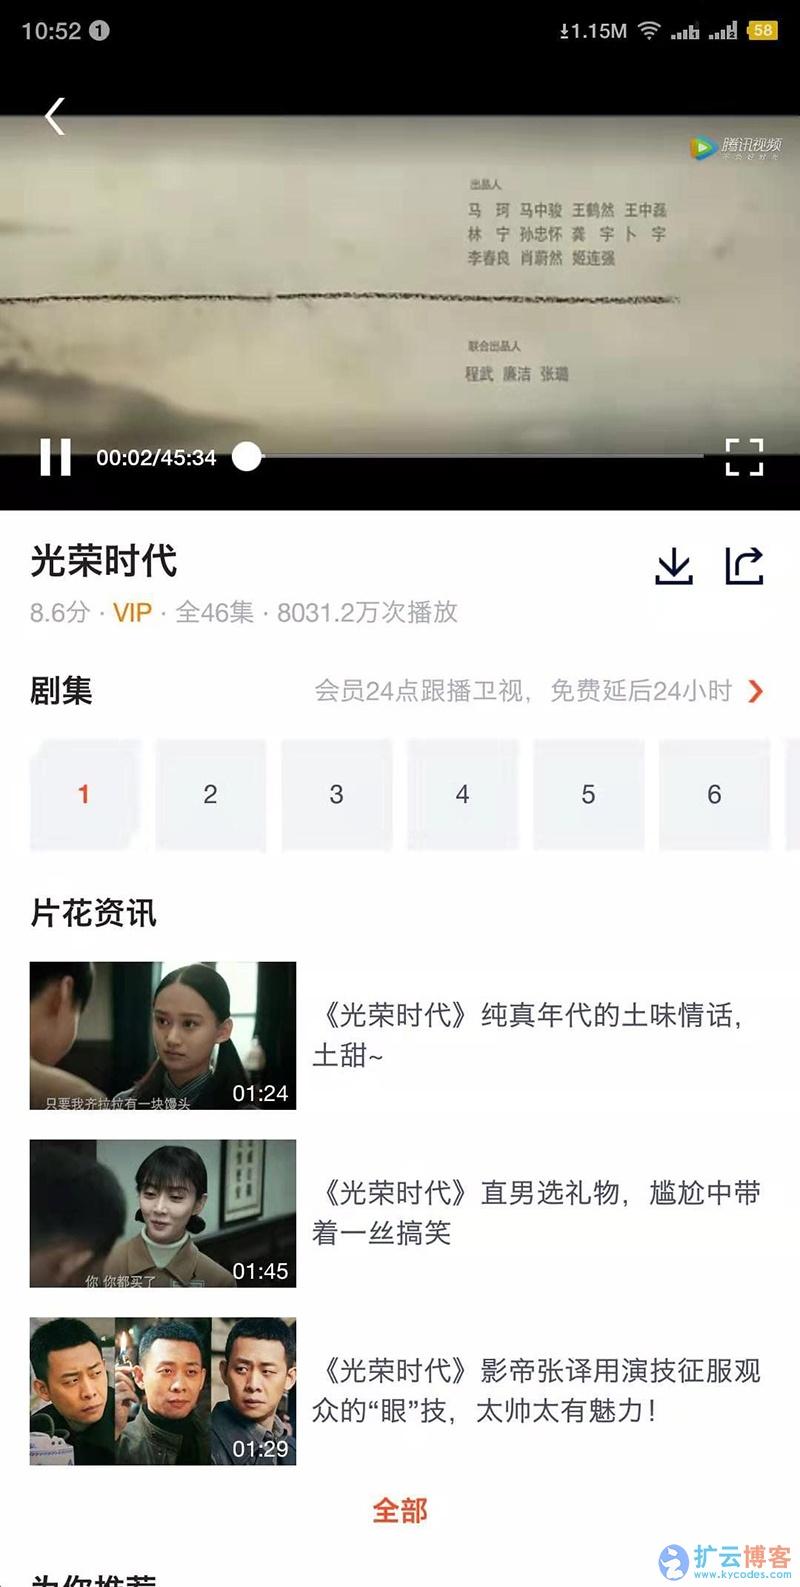 手机版腾讯视频1.9.0无播放广告支持大王卡免流|扩云博客